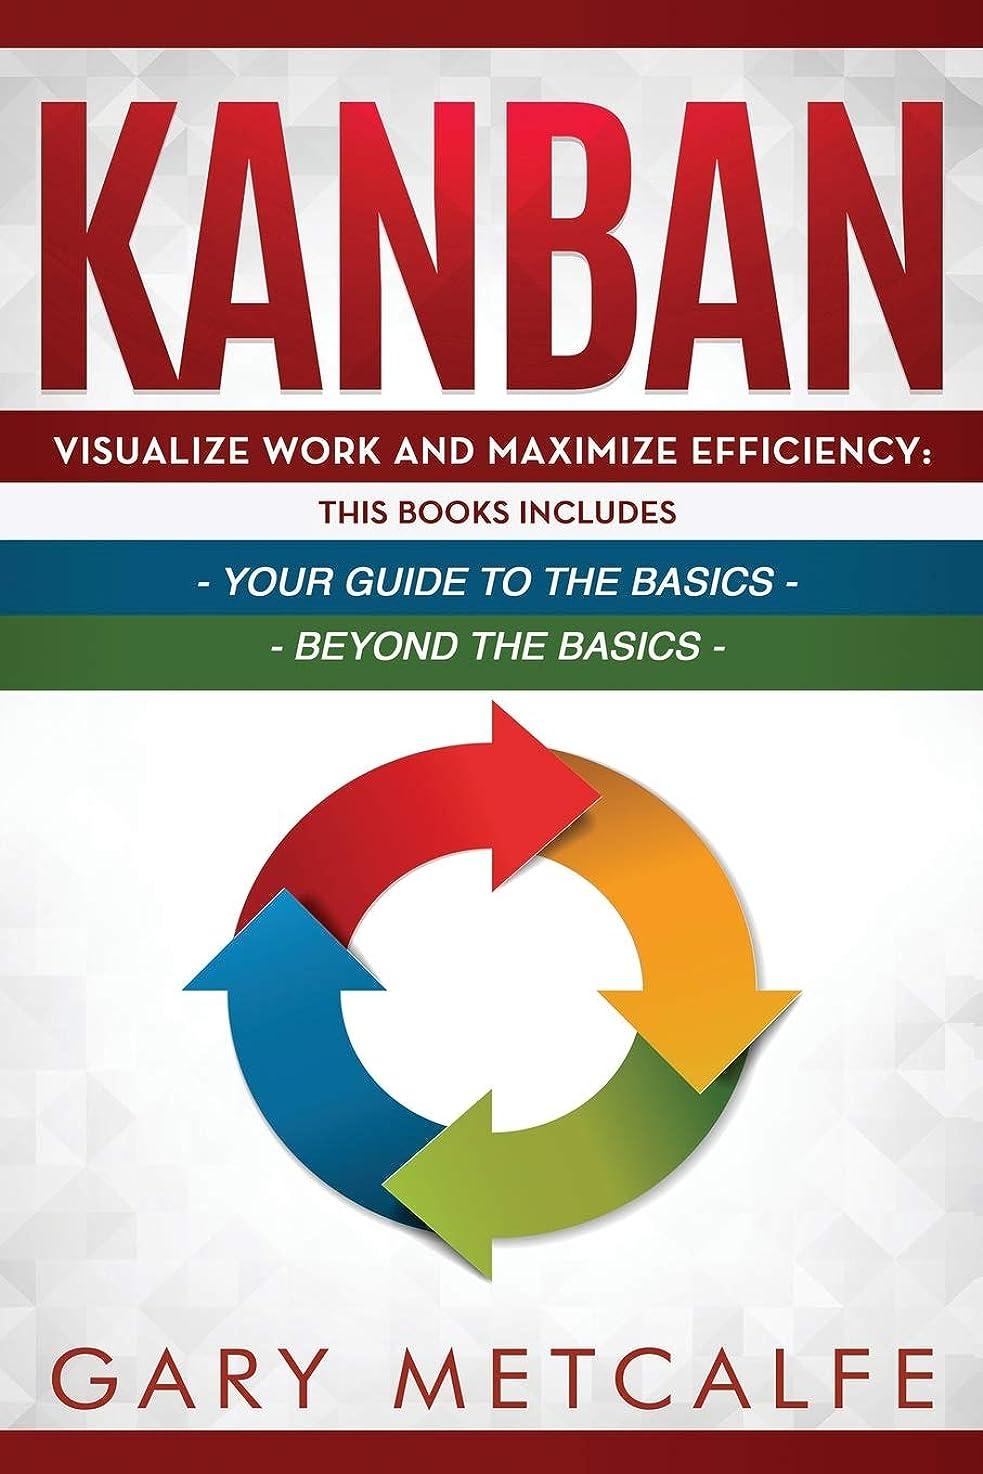 おばさんモジュール愛情深いKanban: 2 Books in 1- Visualize Work and Maximize Efficiency: Your Guide to the Basics +  Visualize Work and Maximize Efficiency: Beyond the Basics